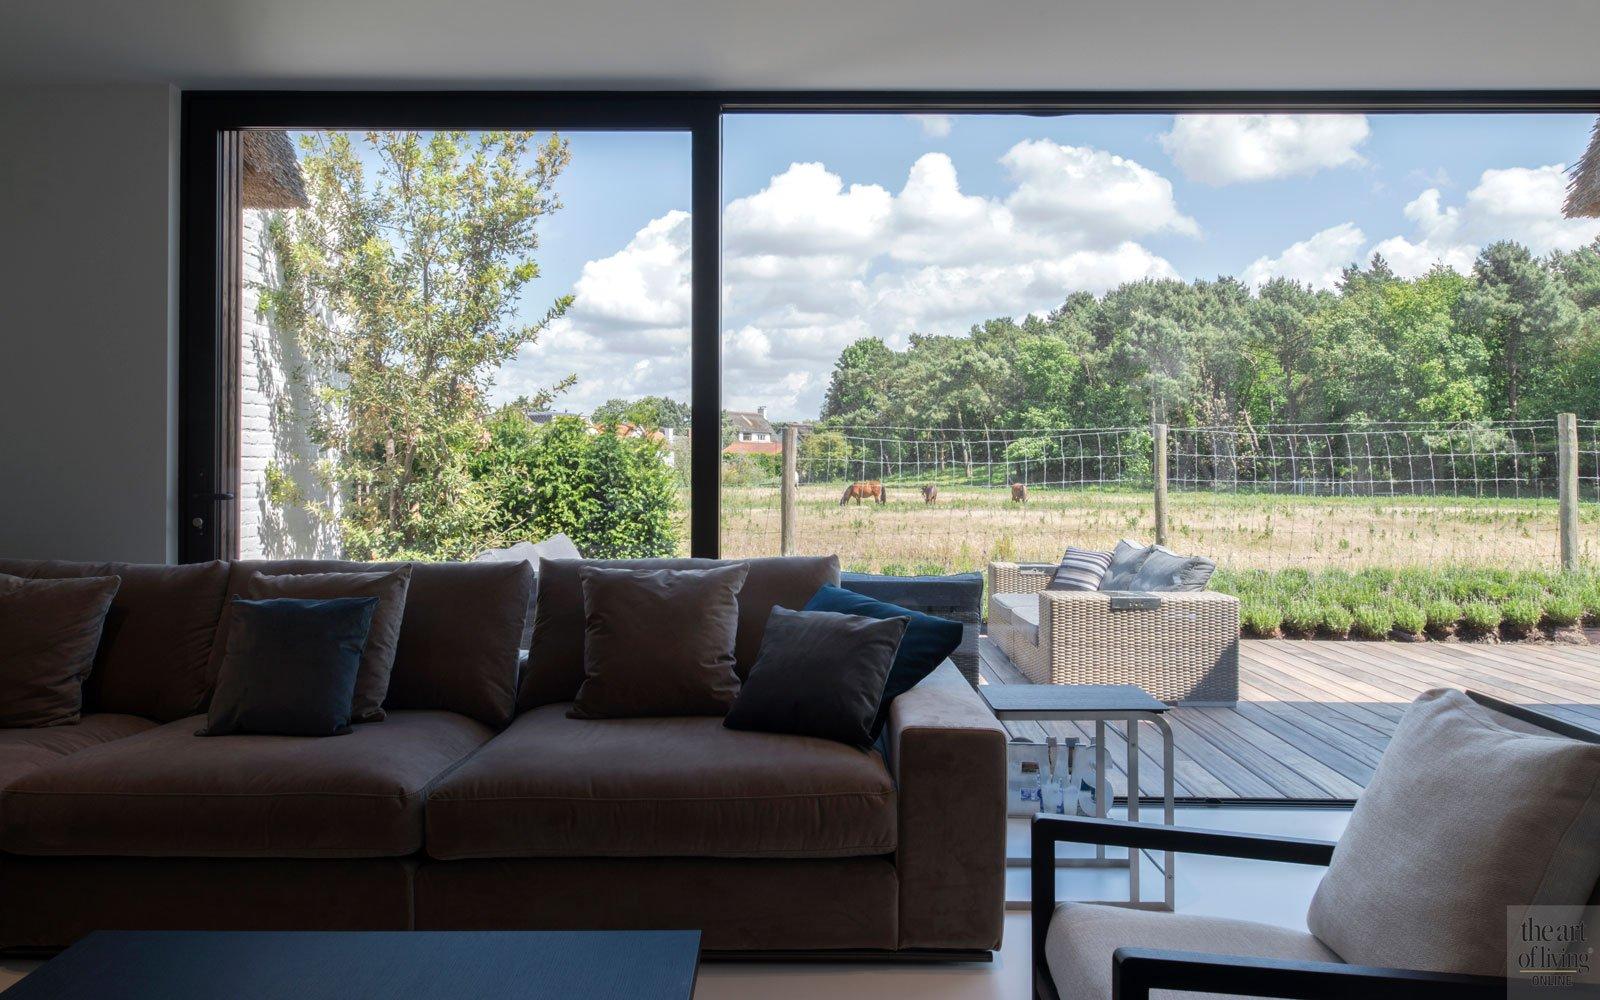 Woonkamer met fantastisch uitzicht, ruime villa, HC Demyttenaere